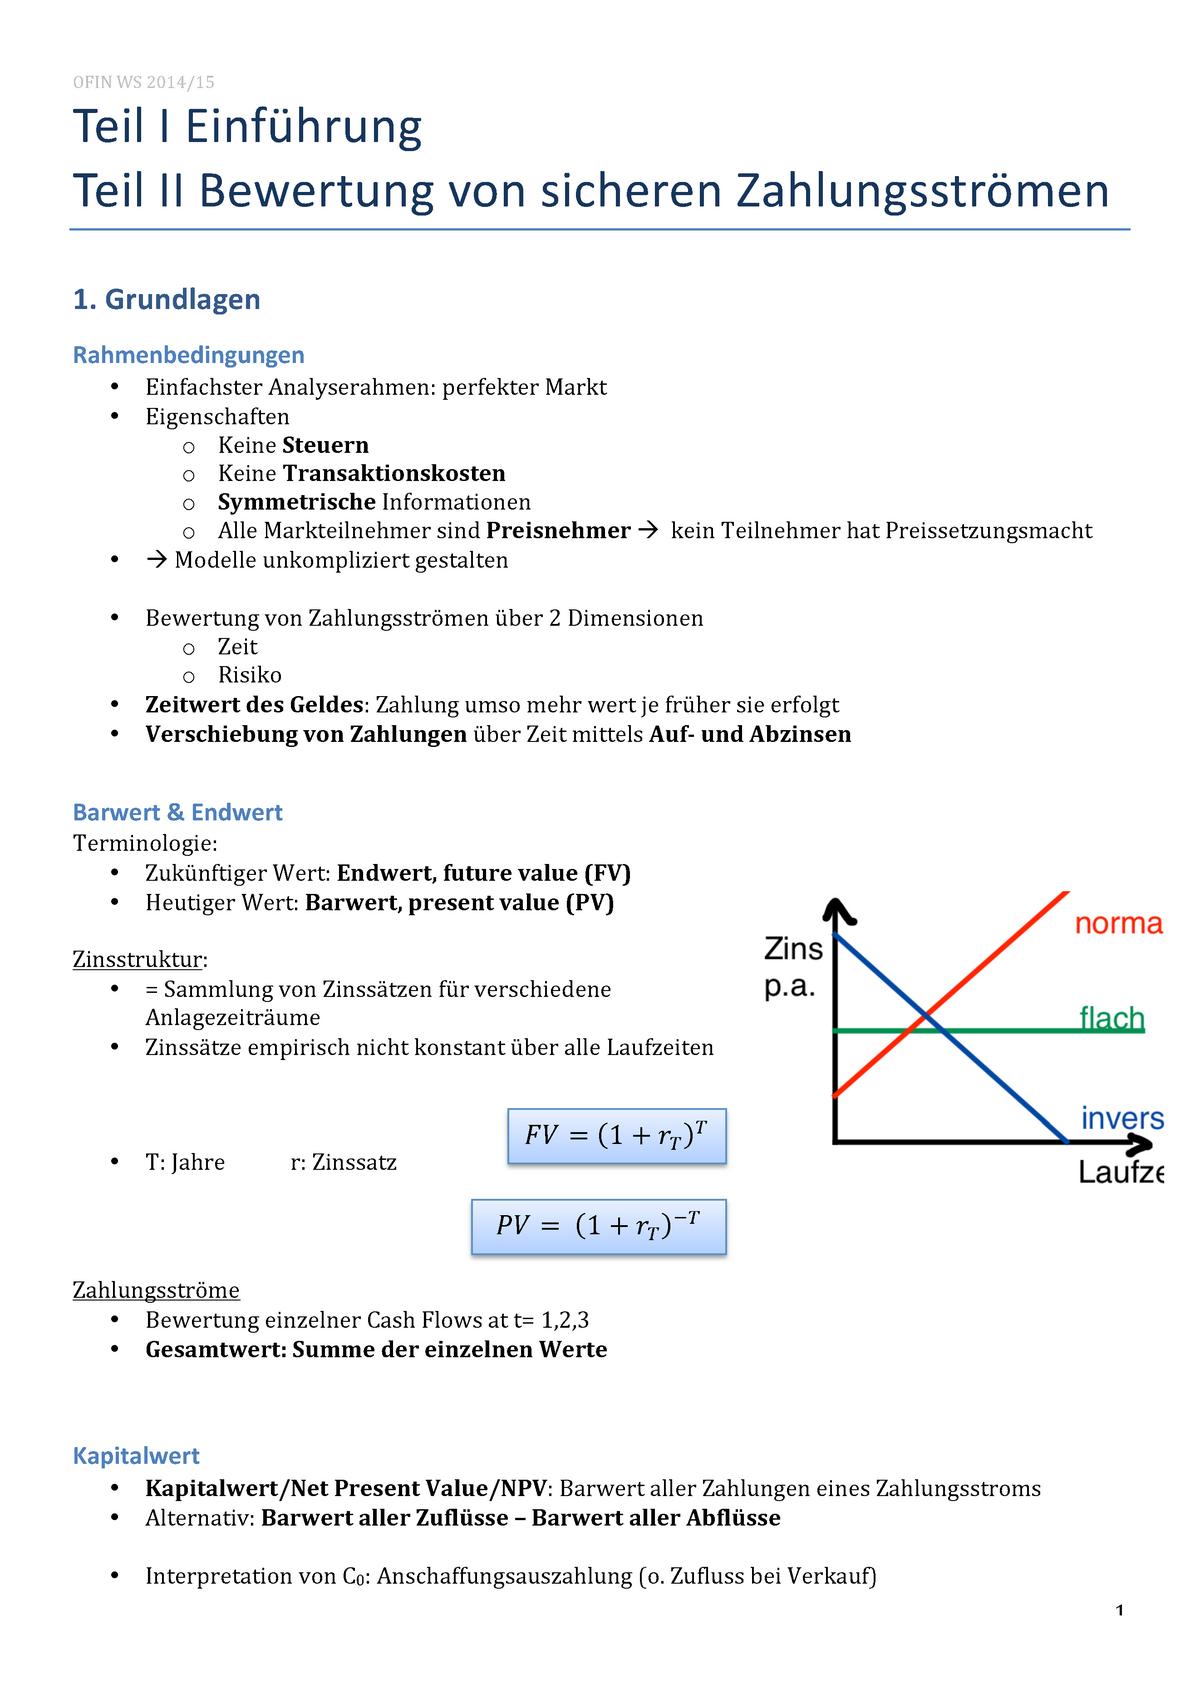 OFIN Vorlesung Zusammenfassung - Finanzen 1 - StuDocu